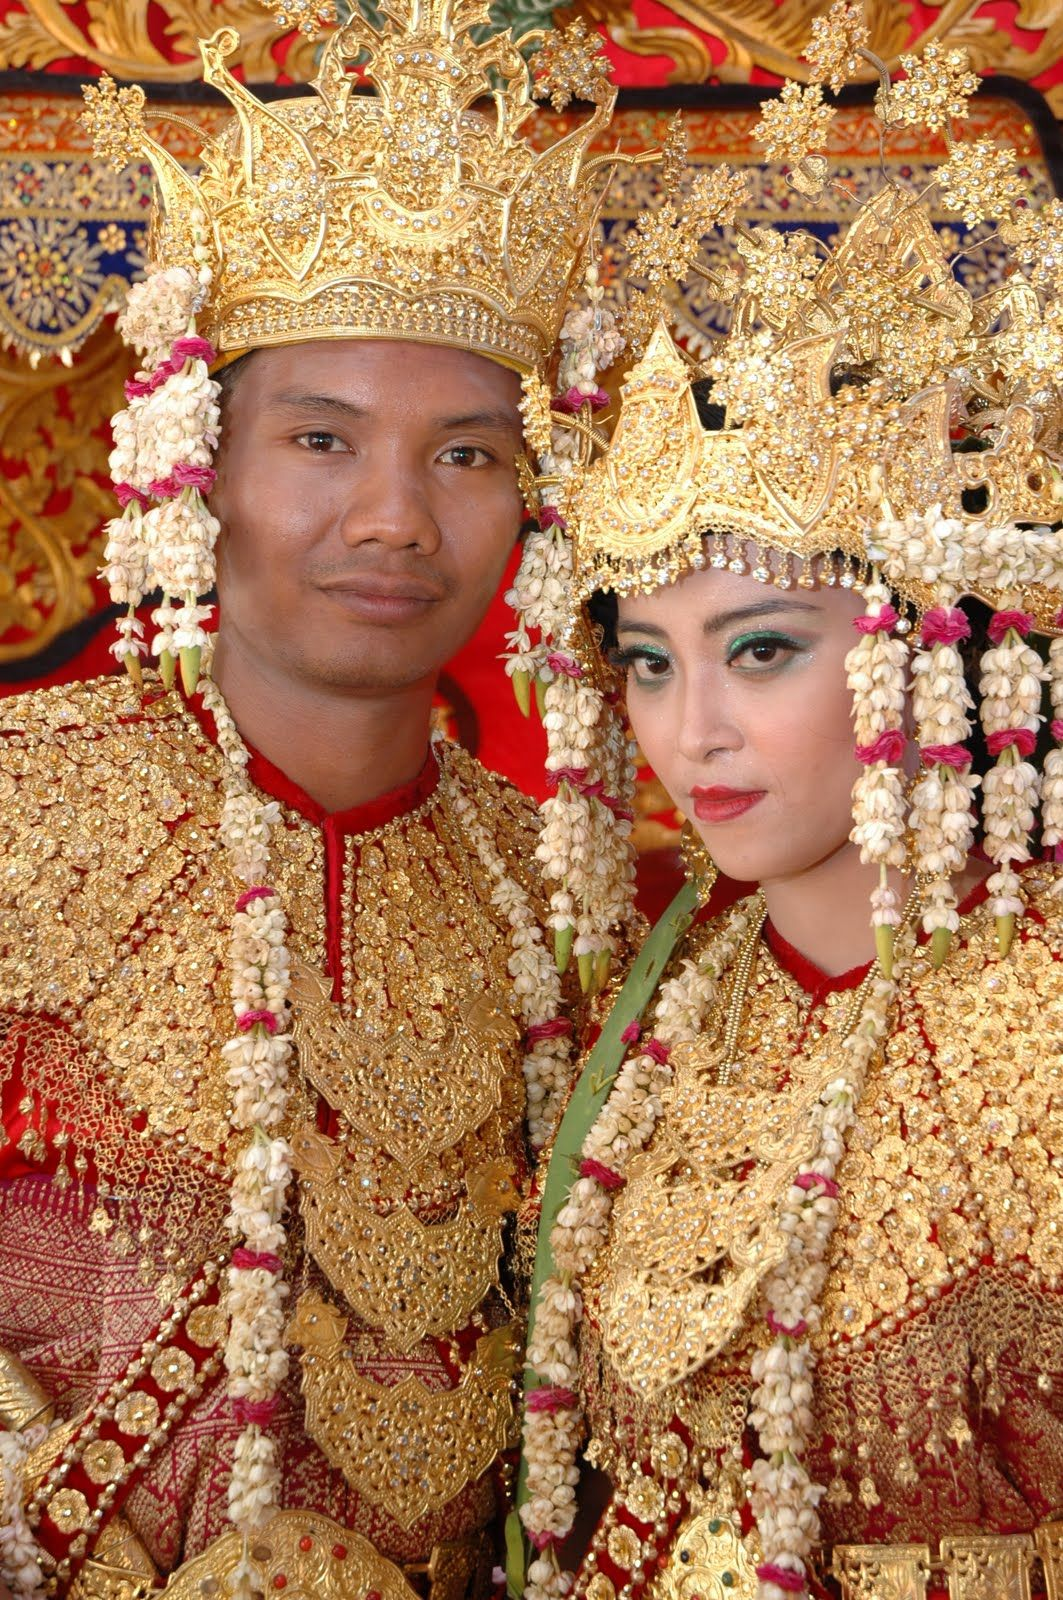 palembang people-Indonesia  Pengantin, Pernikahan, Budaya